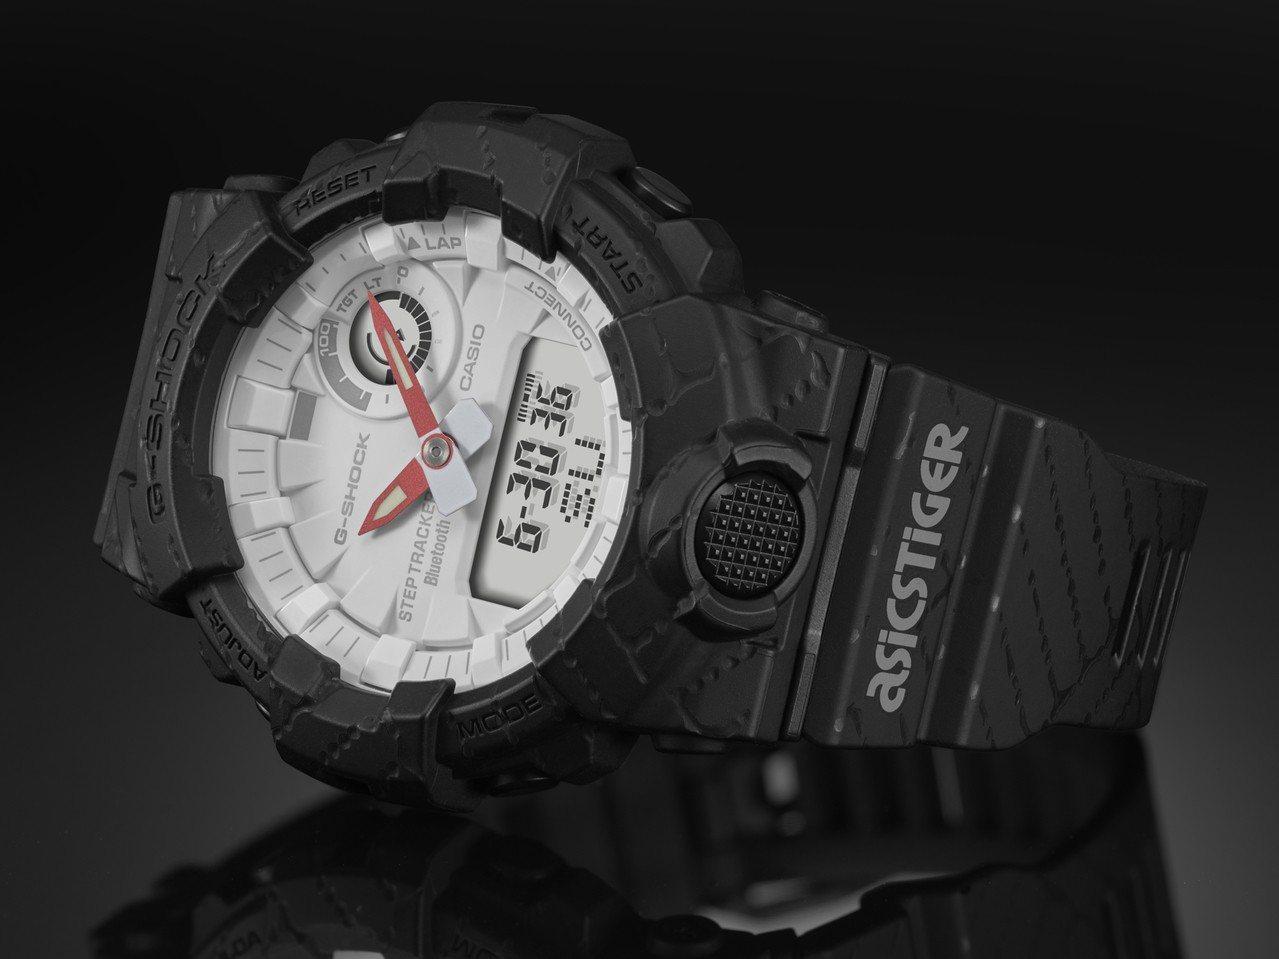 G-Shock與ASICSTIGER聯名系列腕表,在表帶上印有品牌Logo。圖/...